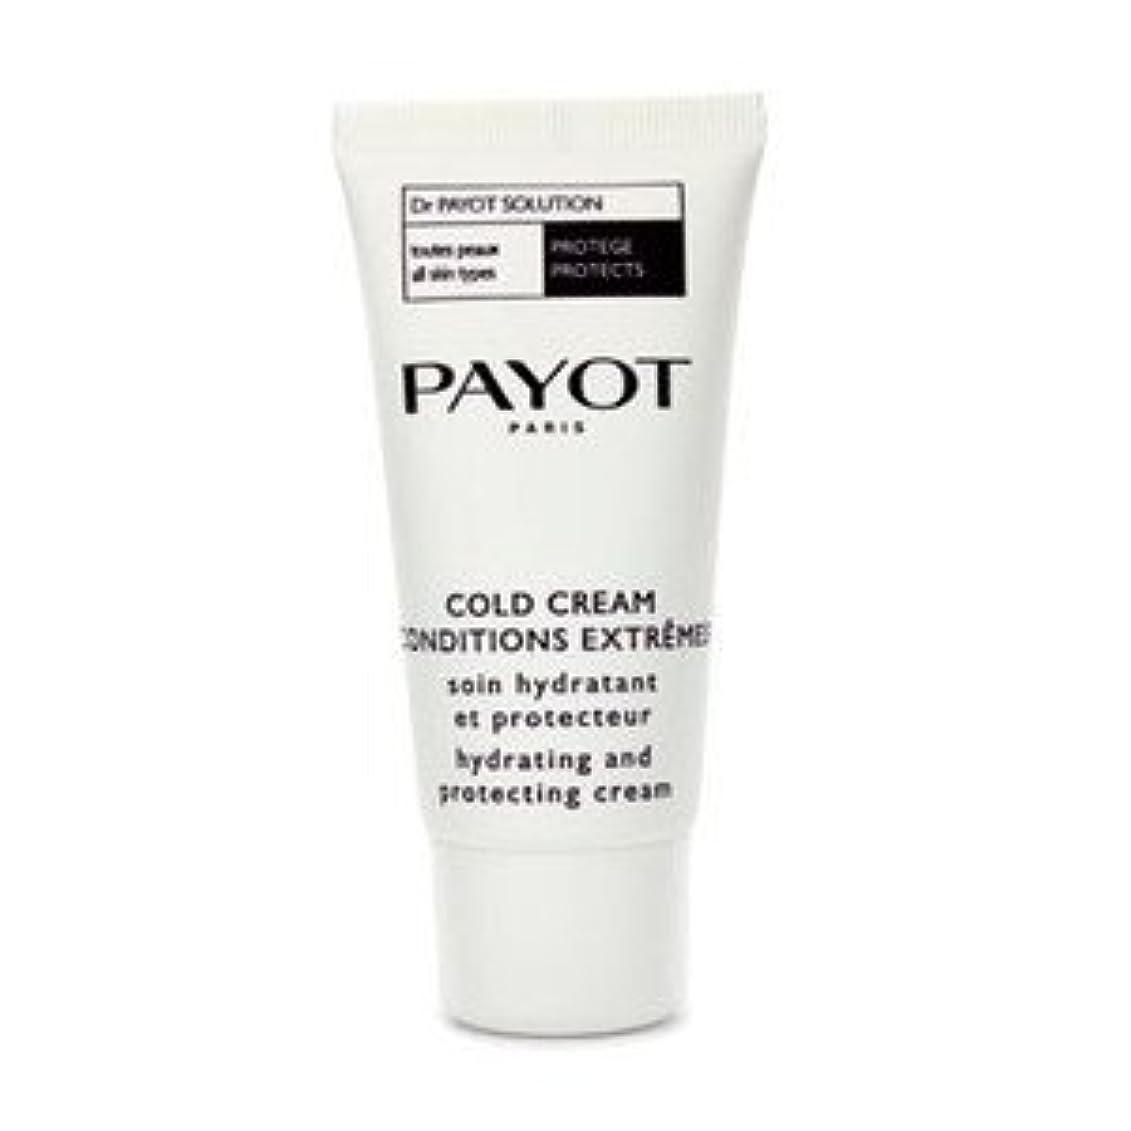 企業降伏応答Payot Dr パイヨ ソリュージョン コールド クリーム コンディション エクストリーム 50ml [並行輸入品]